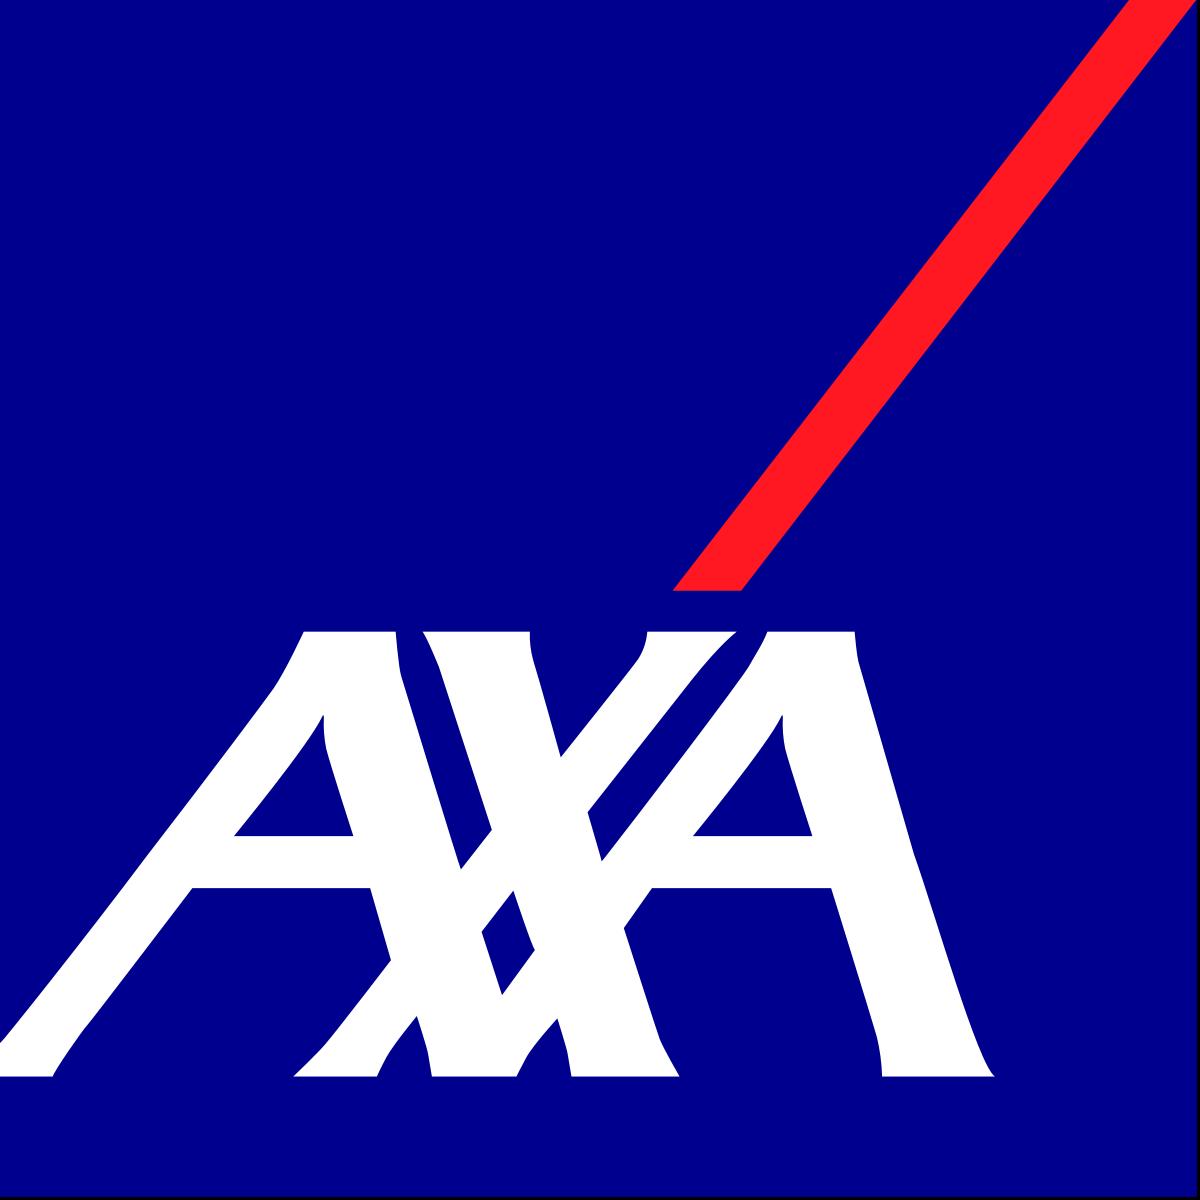 AXA - Asuransi Terbaik 2020 Versi CekAja, Mulai dari Kesehatan hingga Perjalanan